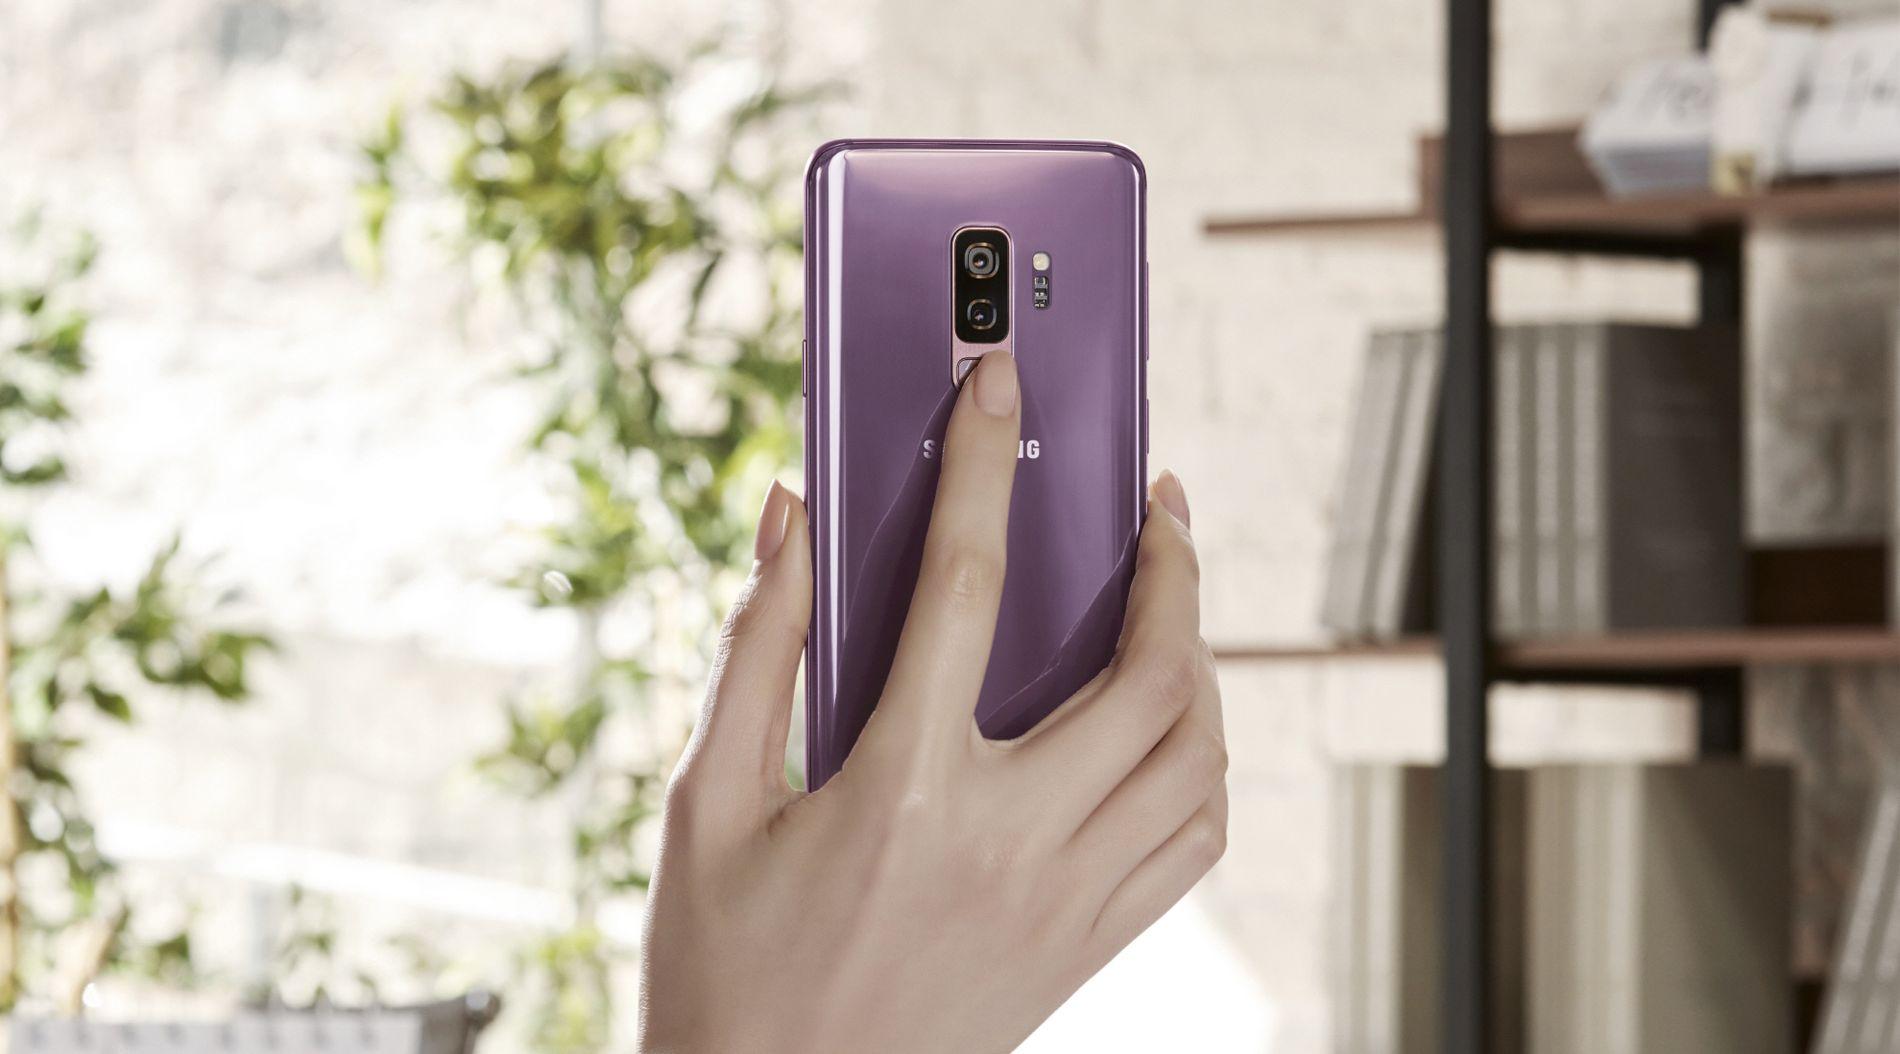 Fingeravtrykk, ansiktsgjenkjenning og øyeskanning kan brukes for å logge deg inn på telefonen.